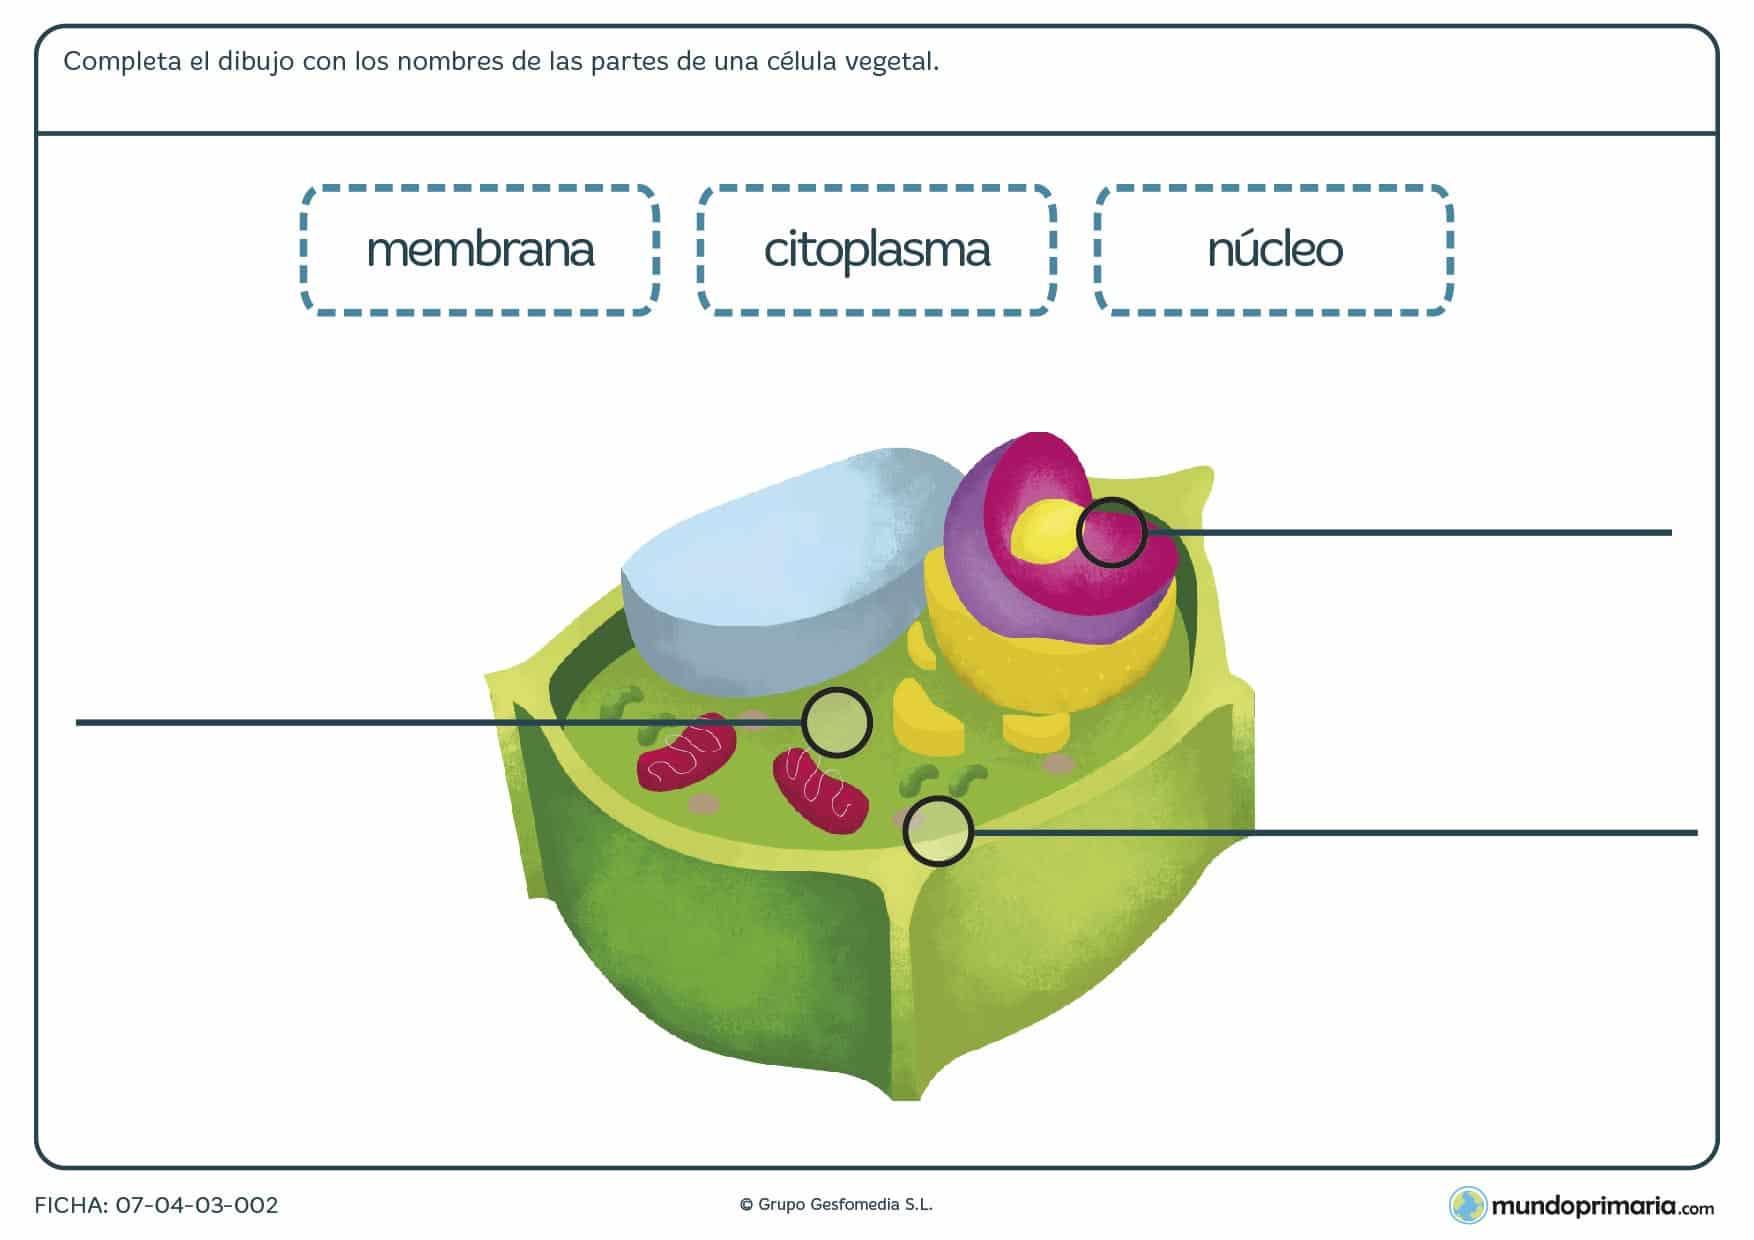 Ficha de partes de la célula vegetal con un dibujo de esta en la que debes distinguir la tres partes que te nombramos.